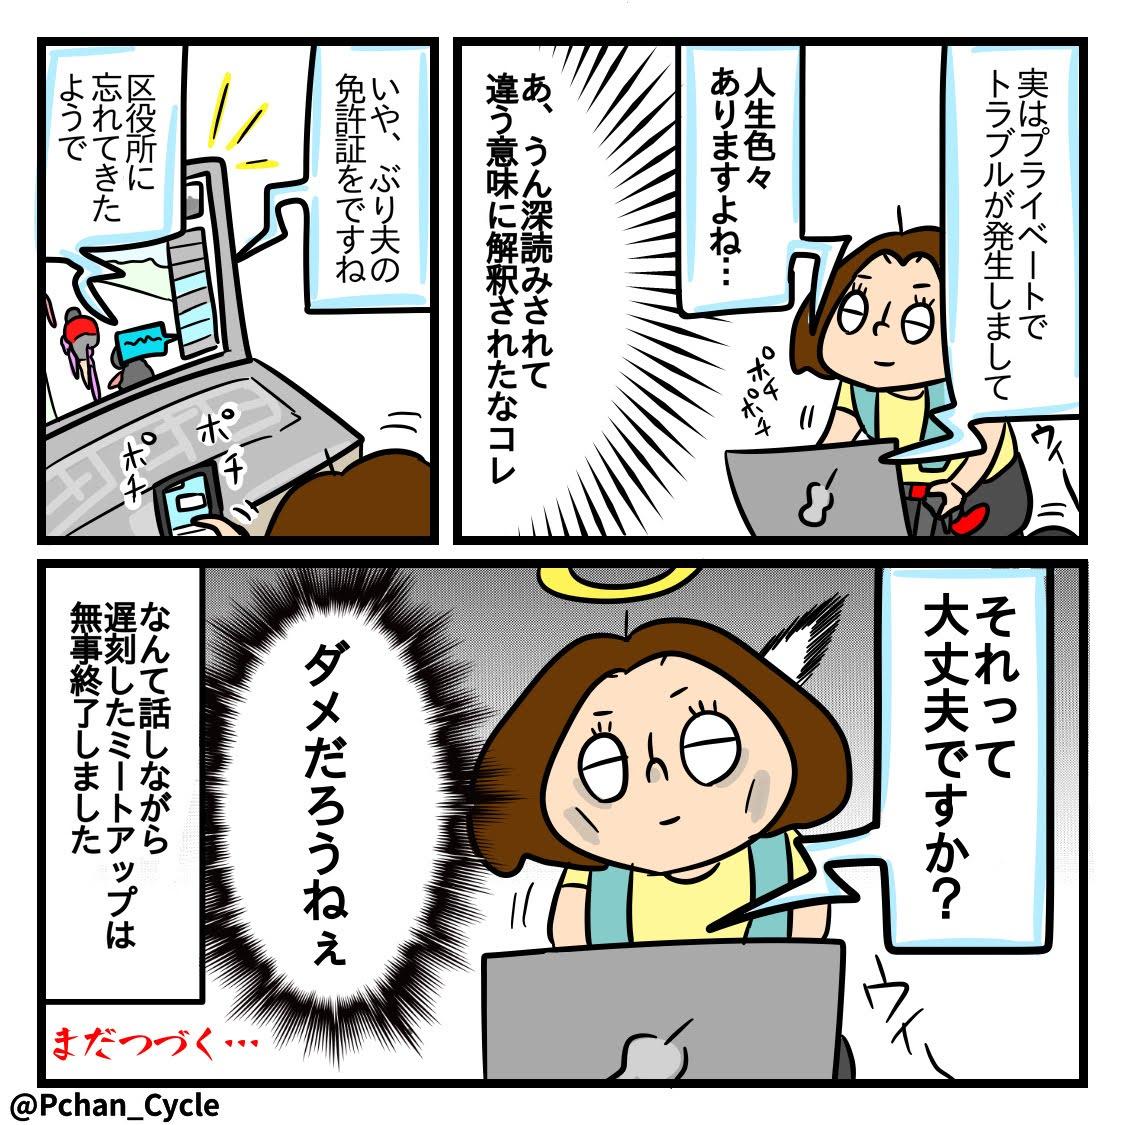 【日常漫画】マジでびびった話〜ぶり夫の運転免許証紛失事件〜Zwiftミートアップ再開